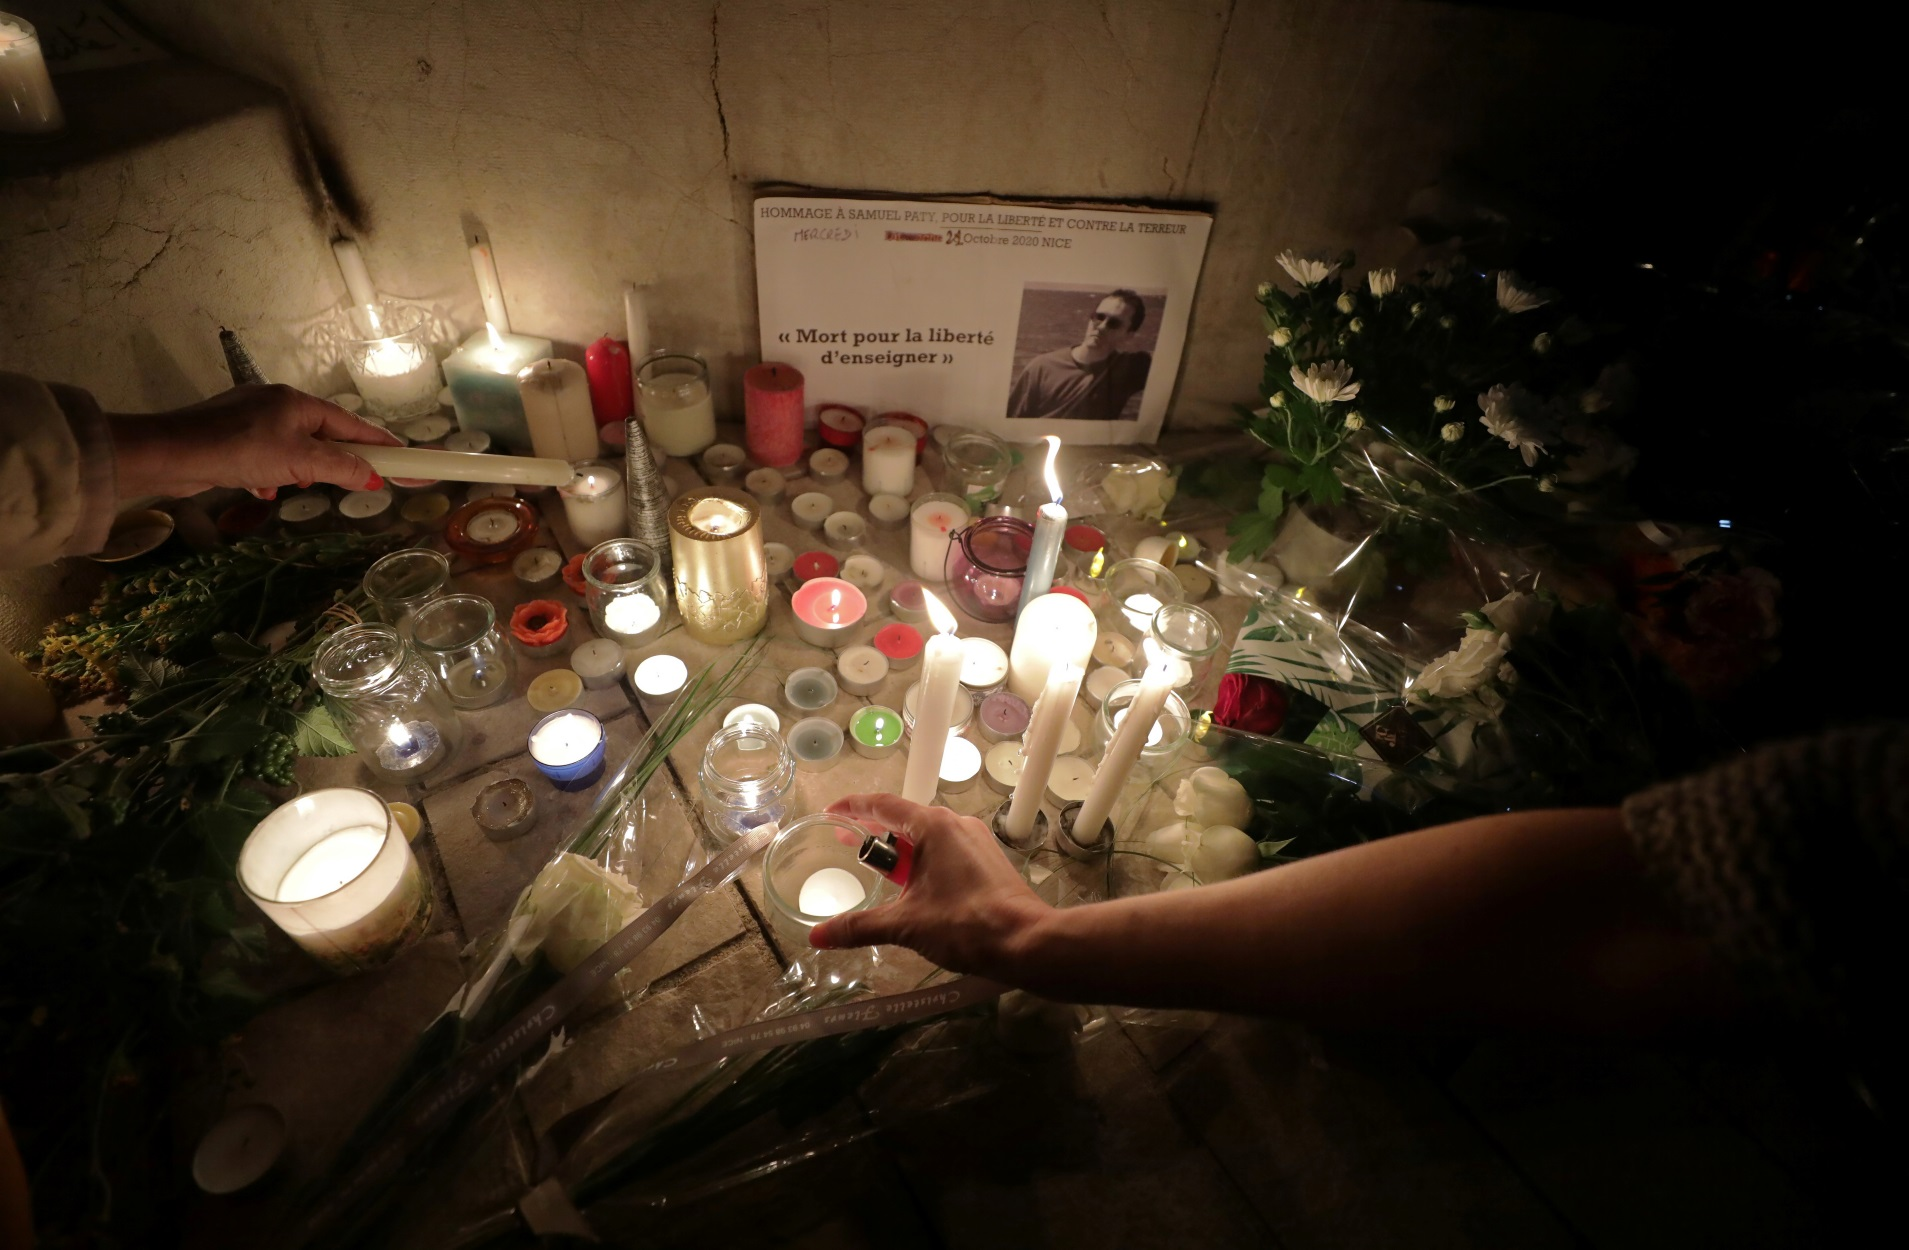 Γαλλία: Ο δολοφόνος του καθηγητή είχε έρθει σε επικοινωνία με τζιχαντιστή στη Συρία